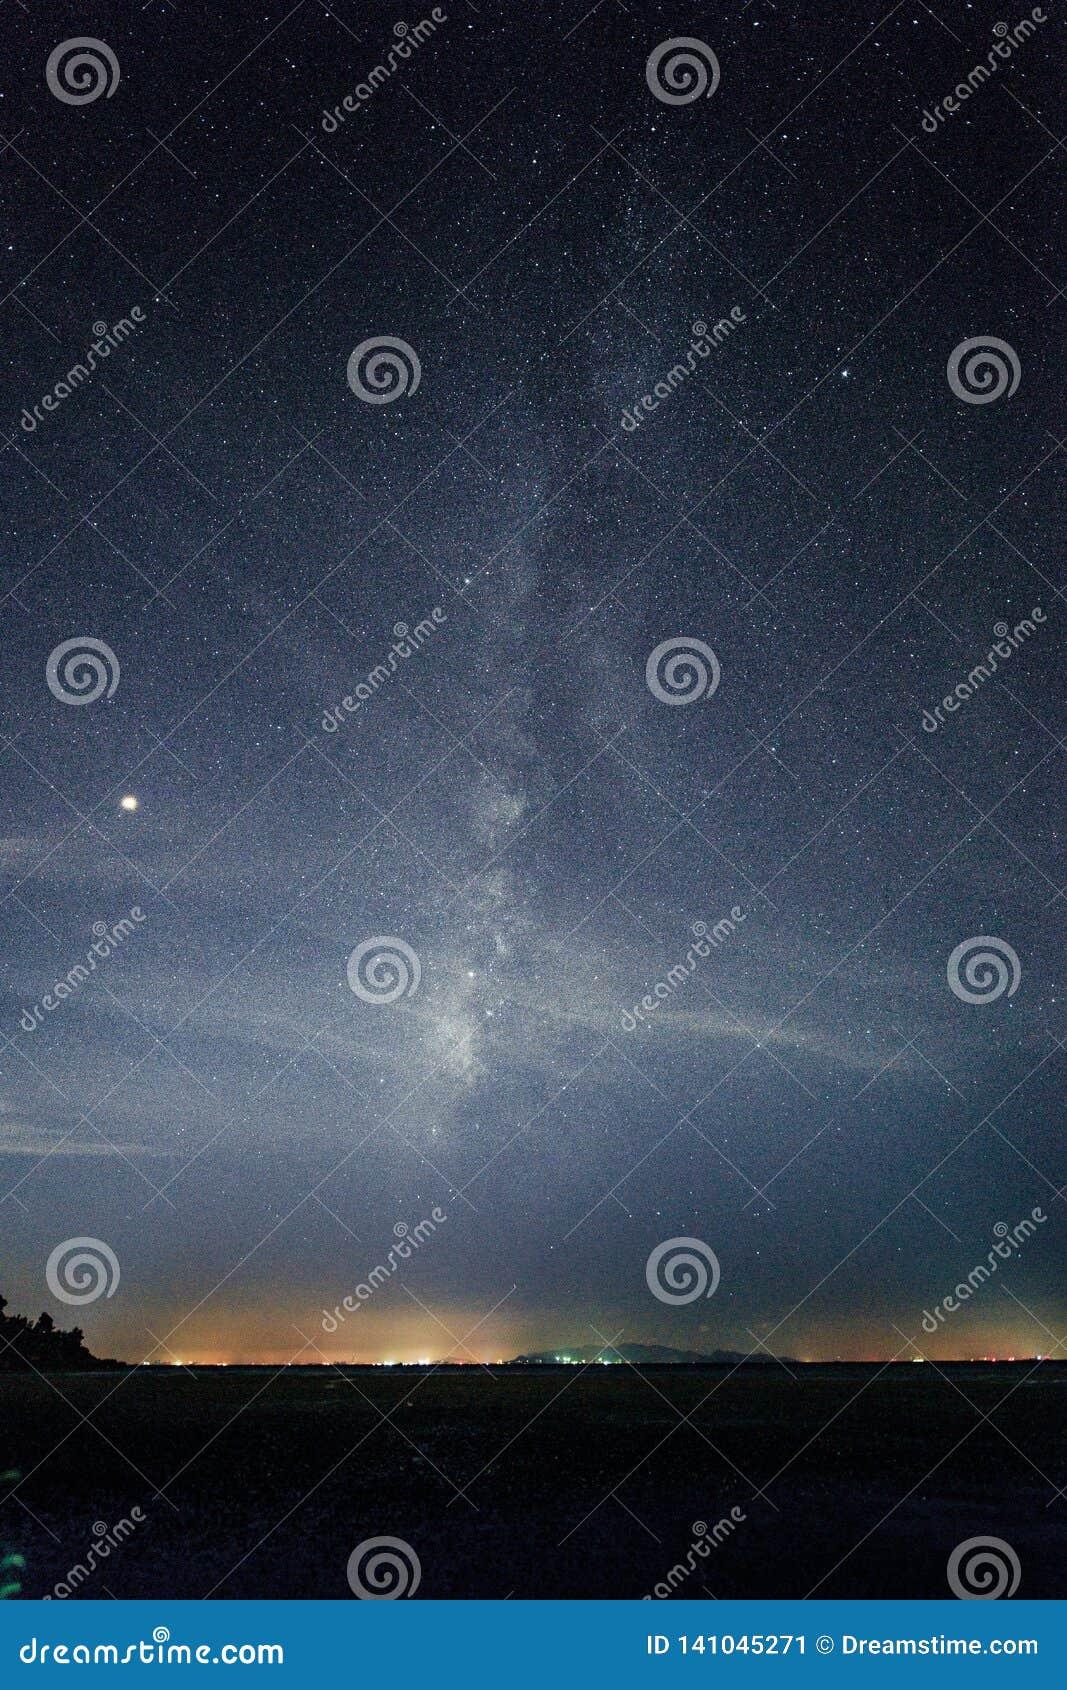 China Galaxy in Taihu JiangSu